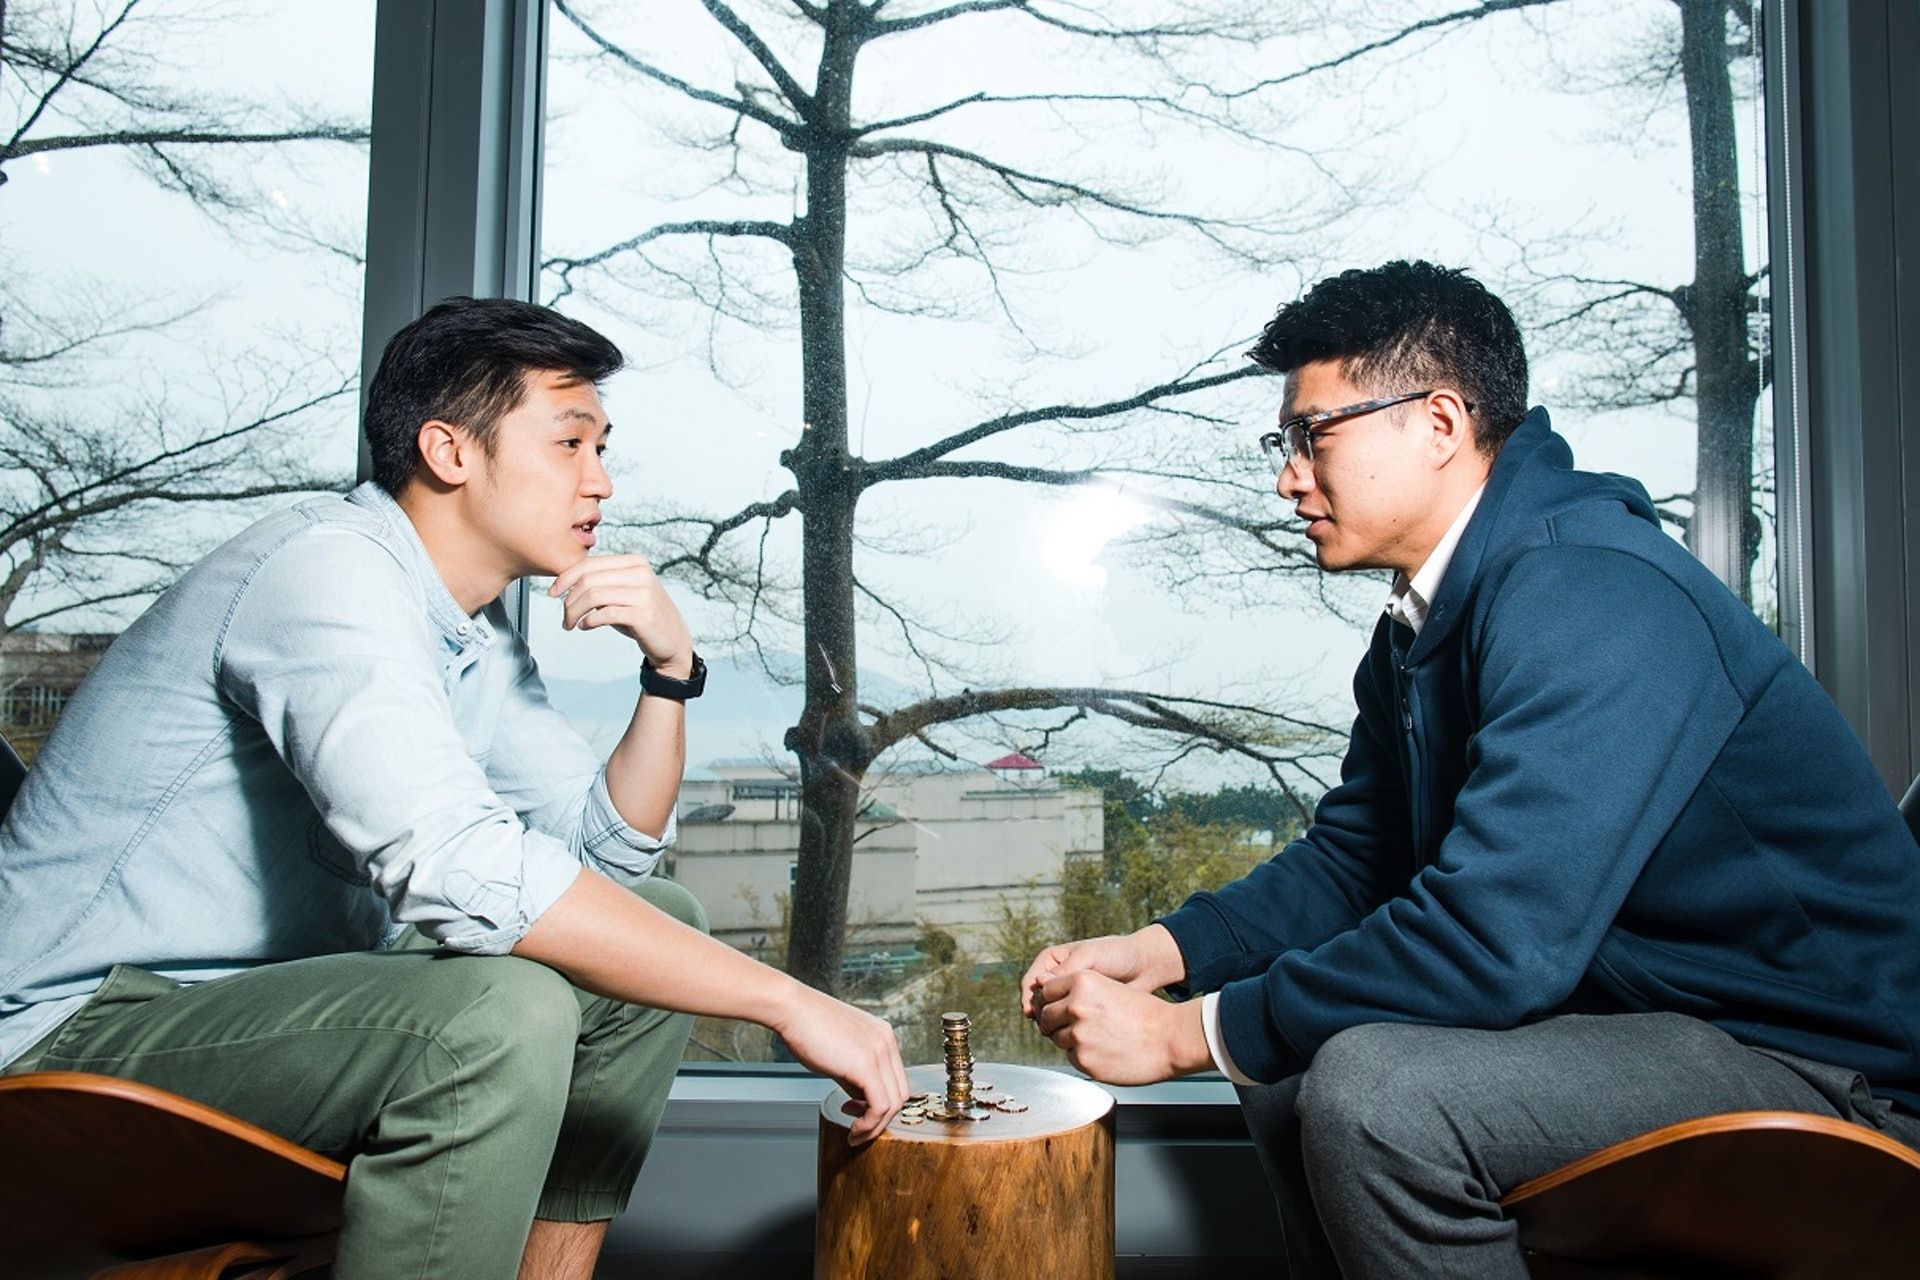 ﹝左至右﹞HEYCOINS聯合創辦人Adam和Eddie一個負責宣揚企業概念,一個負責構思品牌發展。﹝吳煒豪攝﹞